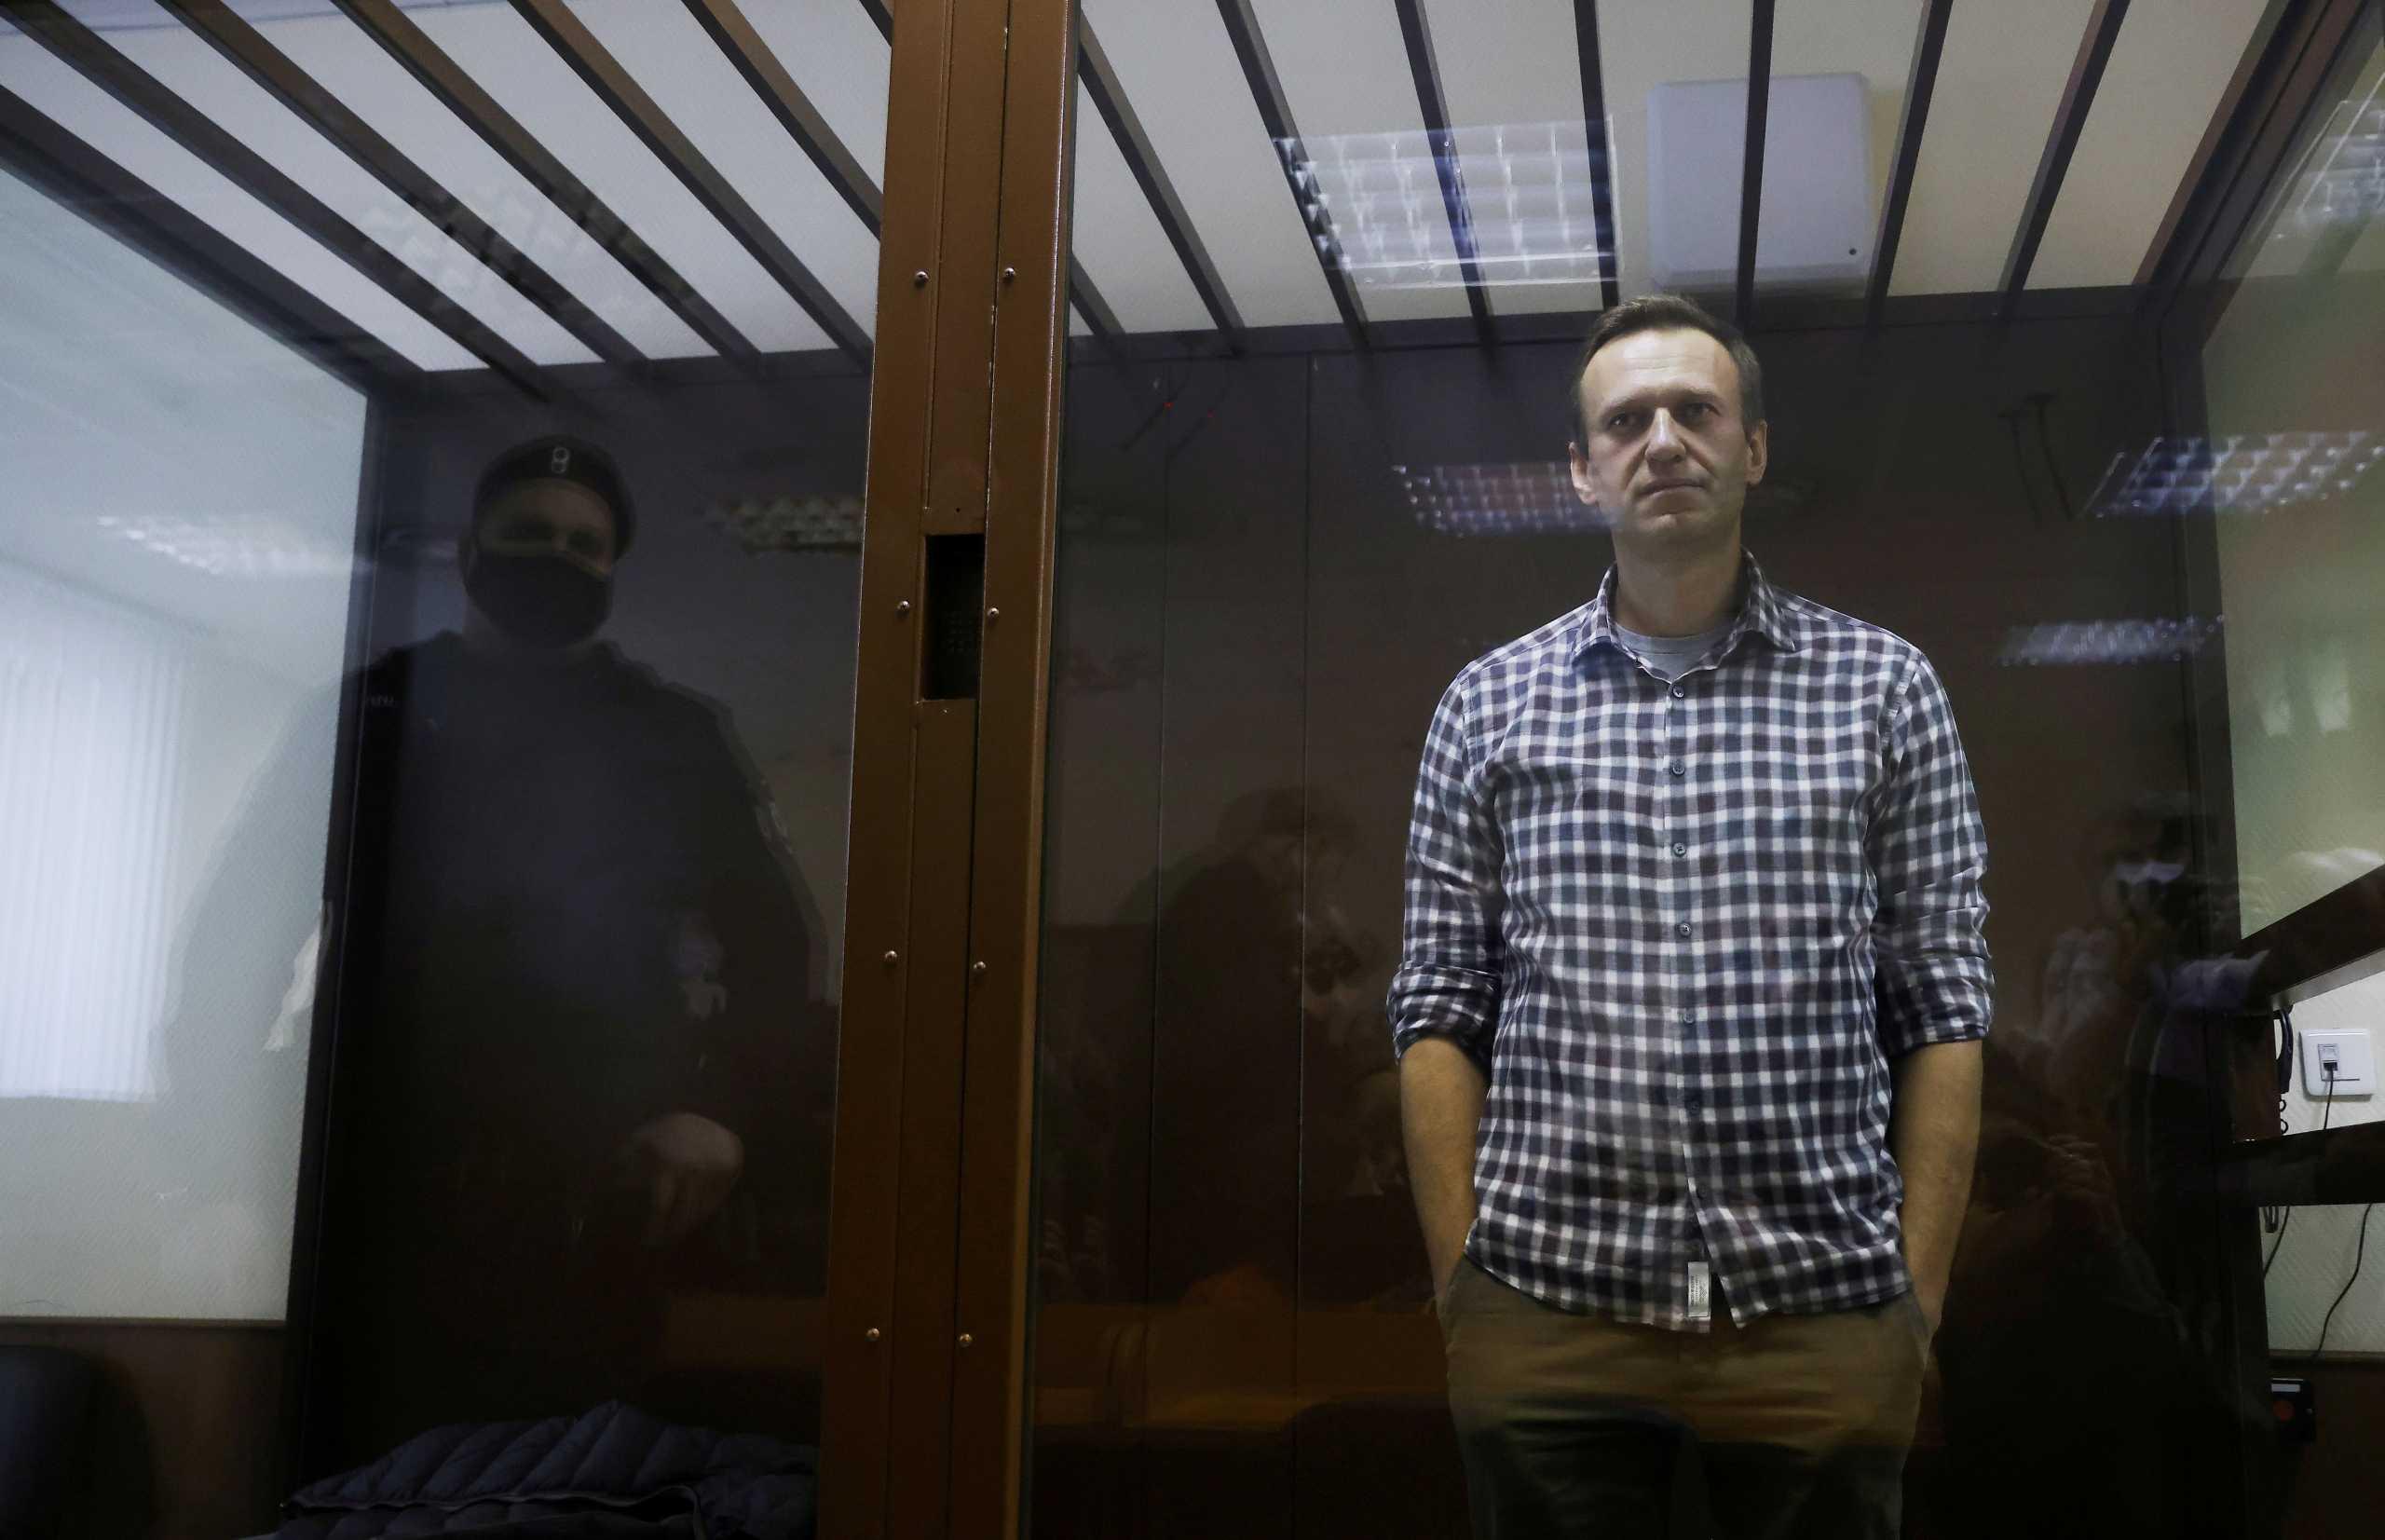 Ναβάλνι: Απειλές από την διοίκηση της φυλακών μετά την απεργία πείνας